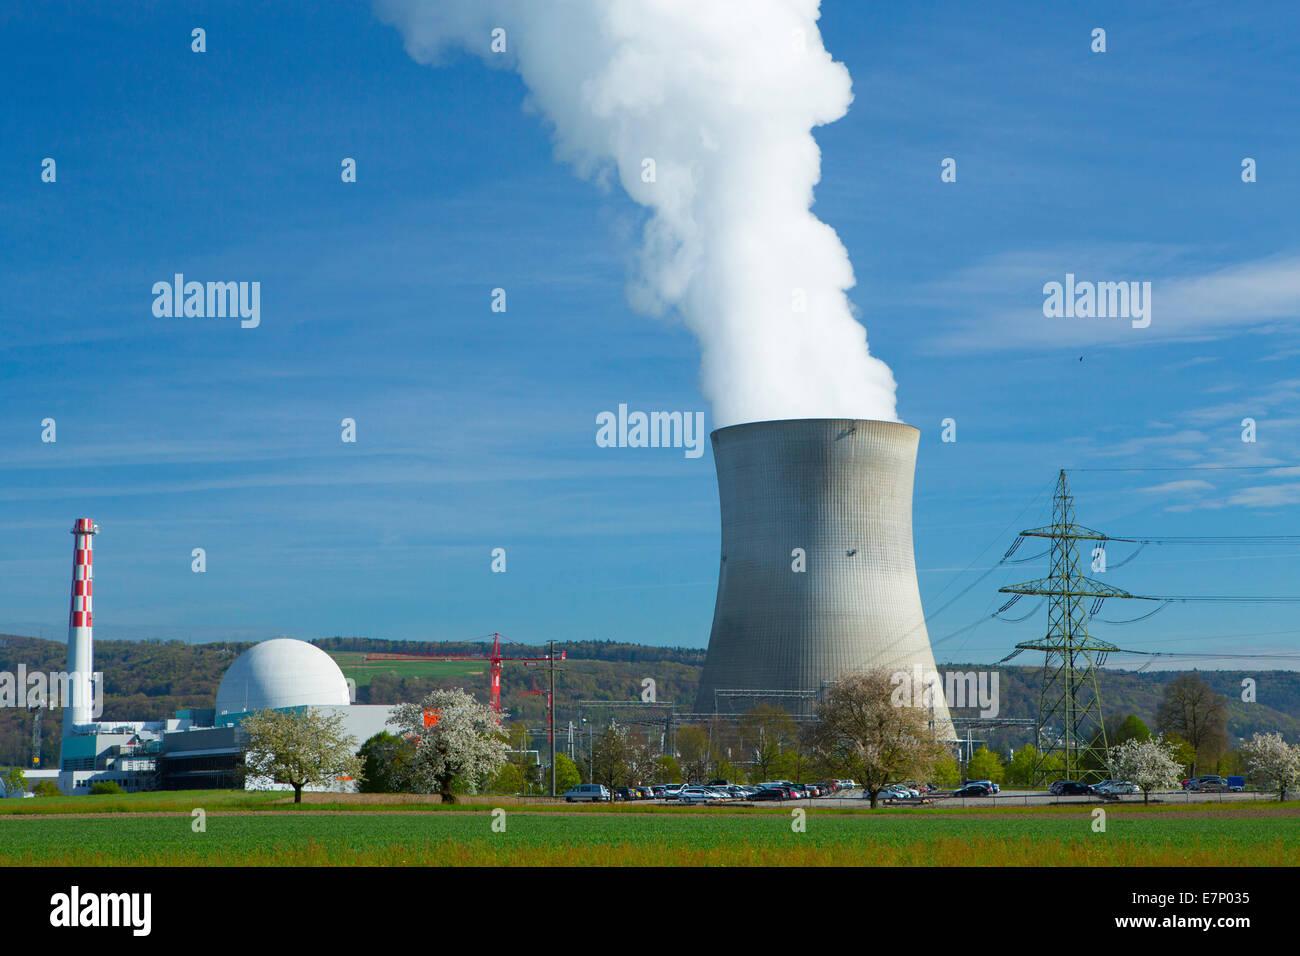 KKW, nuclear power plant, Leibstadt, Atomkraftwerk, Rhine, spring, canton, AG, Aargau, energy nuclear energy, Switzerland, - Stock Image